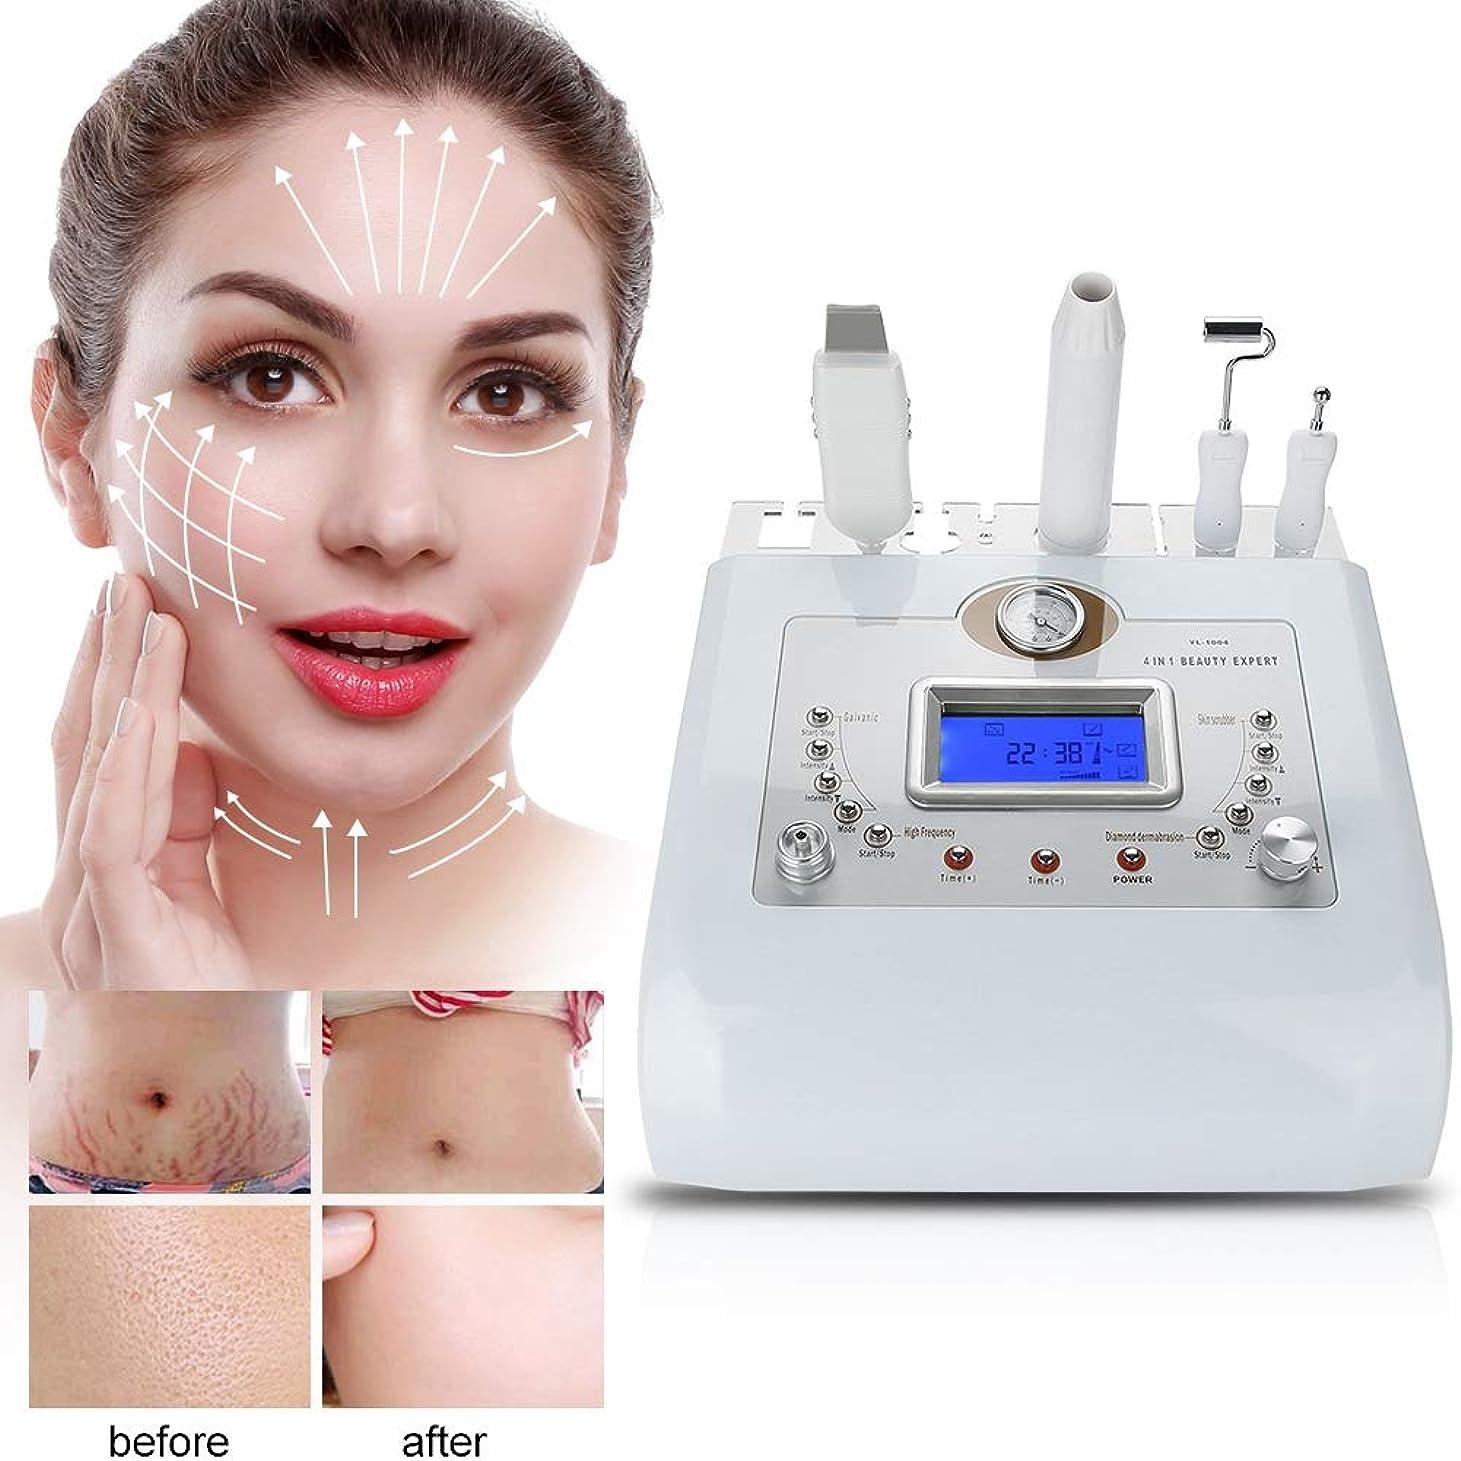 後悔道徳修理可能4-in-1ダイヤモンド皮膚剥離美容機、SPA用美容室用機器トナー、RF +超音波+スキンスクラバー+ EMS電気治療 (白)